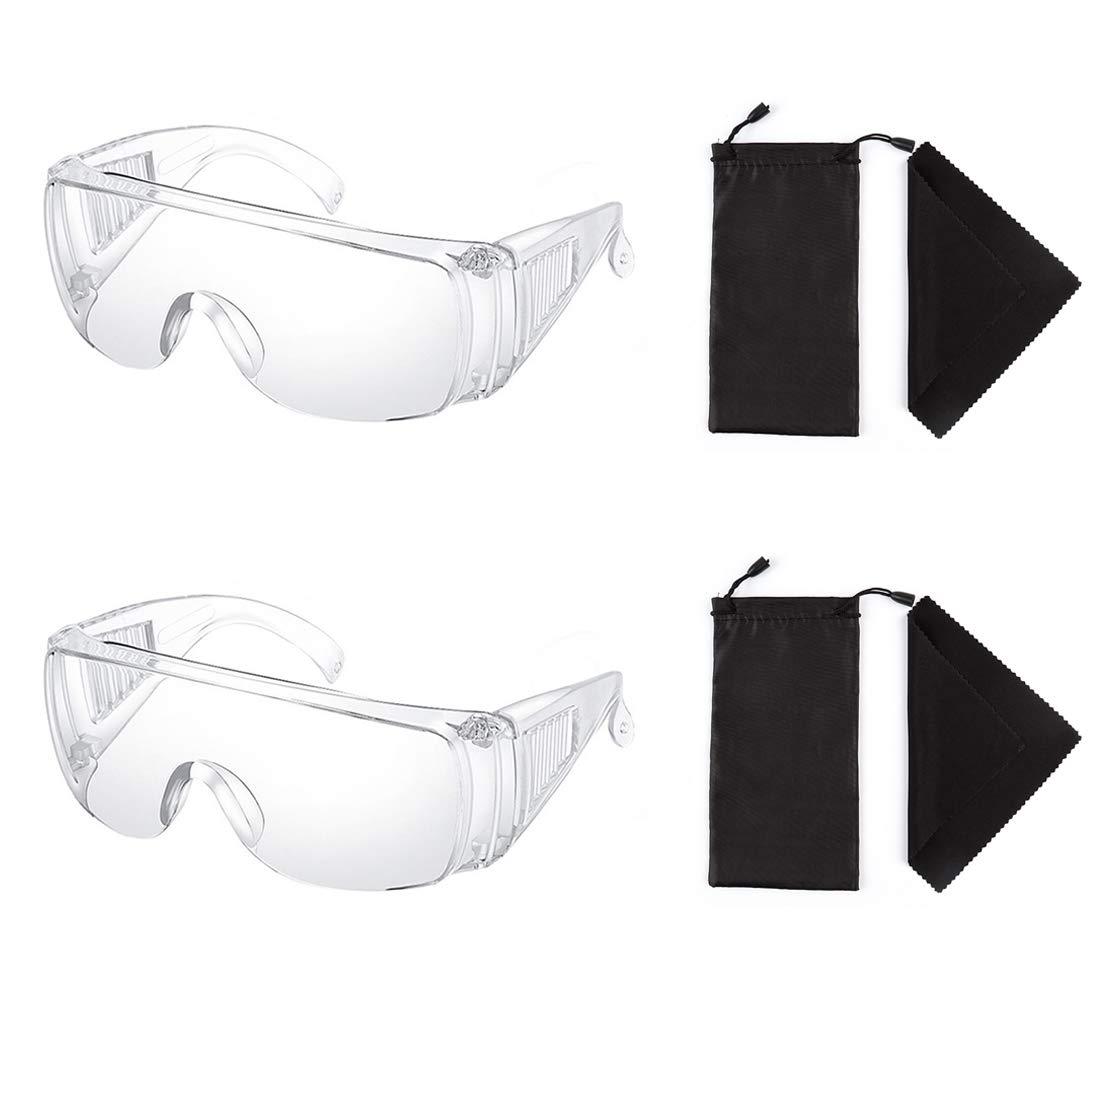 2 Piezas Claro Seguridad Lentes Personal Protector Equipo Transparente Adulto Encima Los anteojos Gafas de protección por Construcción, Laboratorio, Clase de quimica, con Lentes Bolso